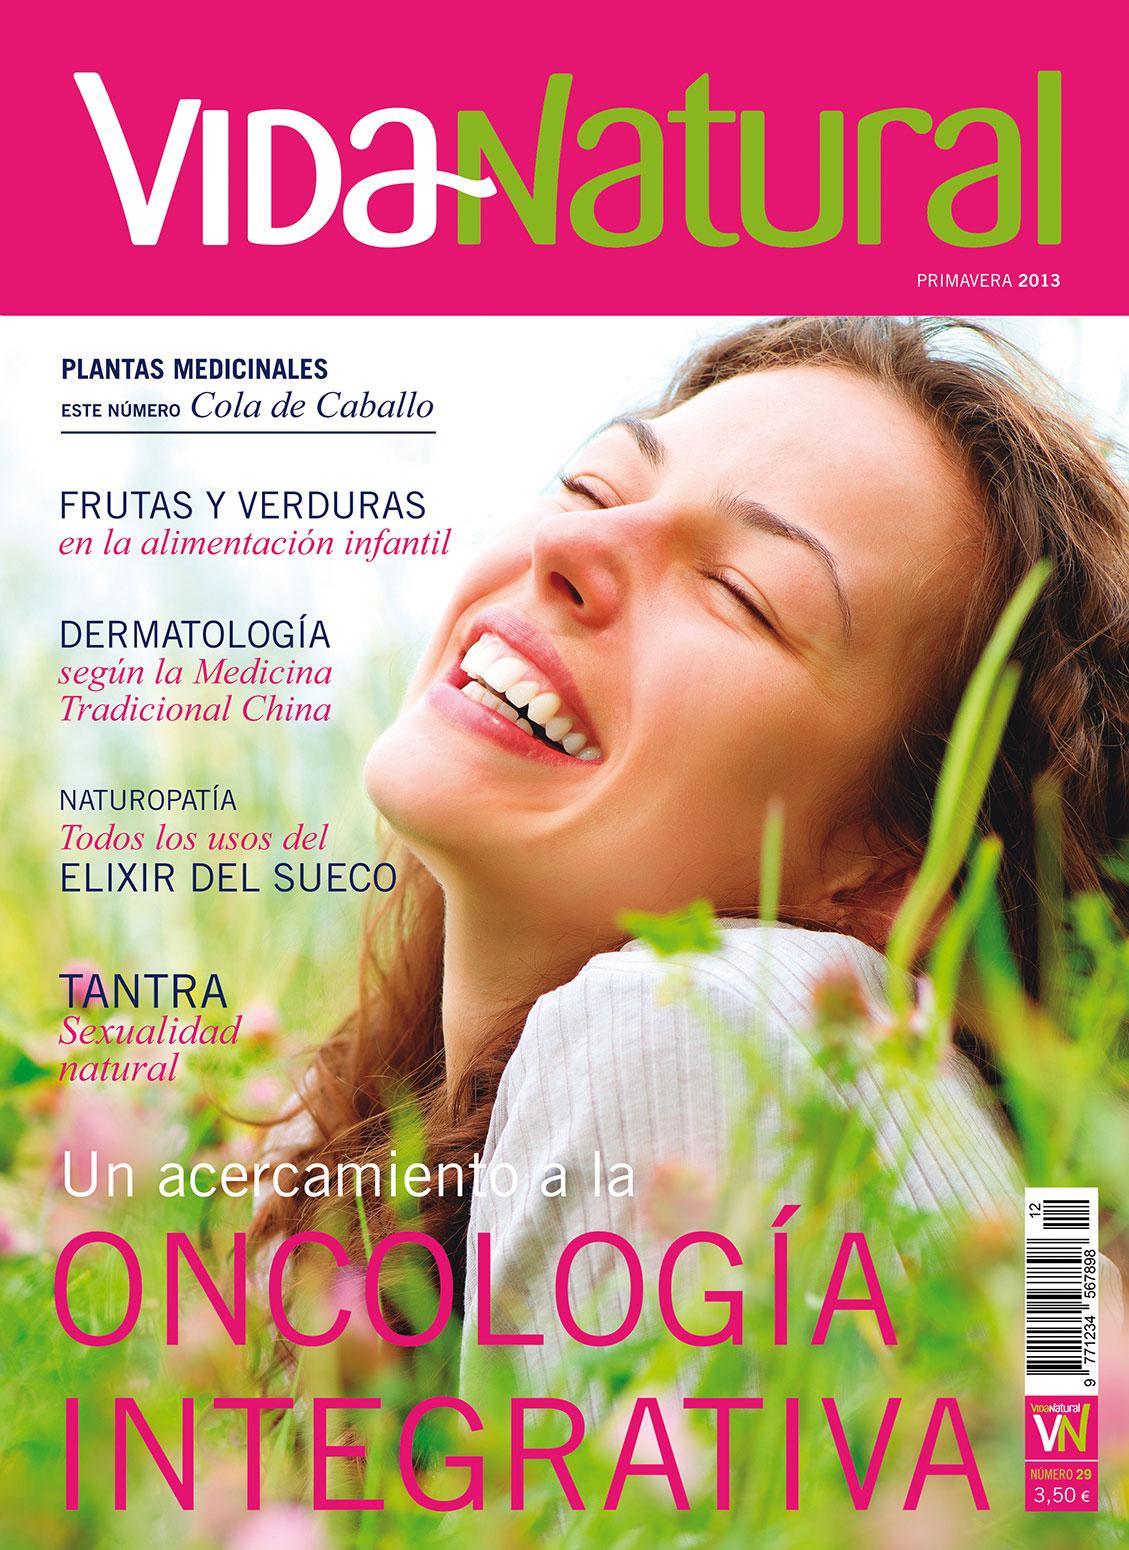 Revista Vida Natural nº 29